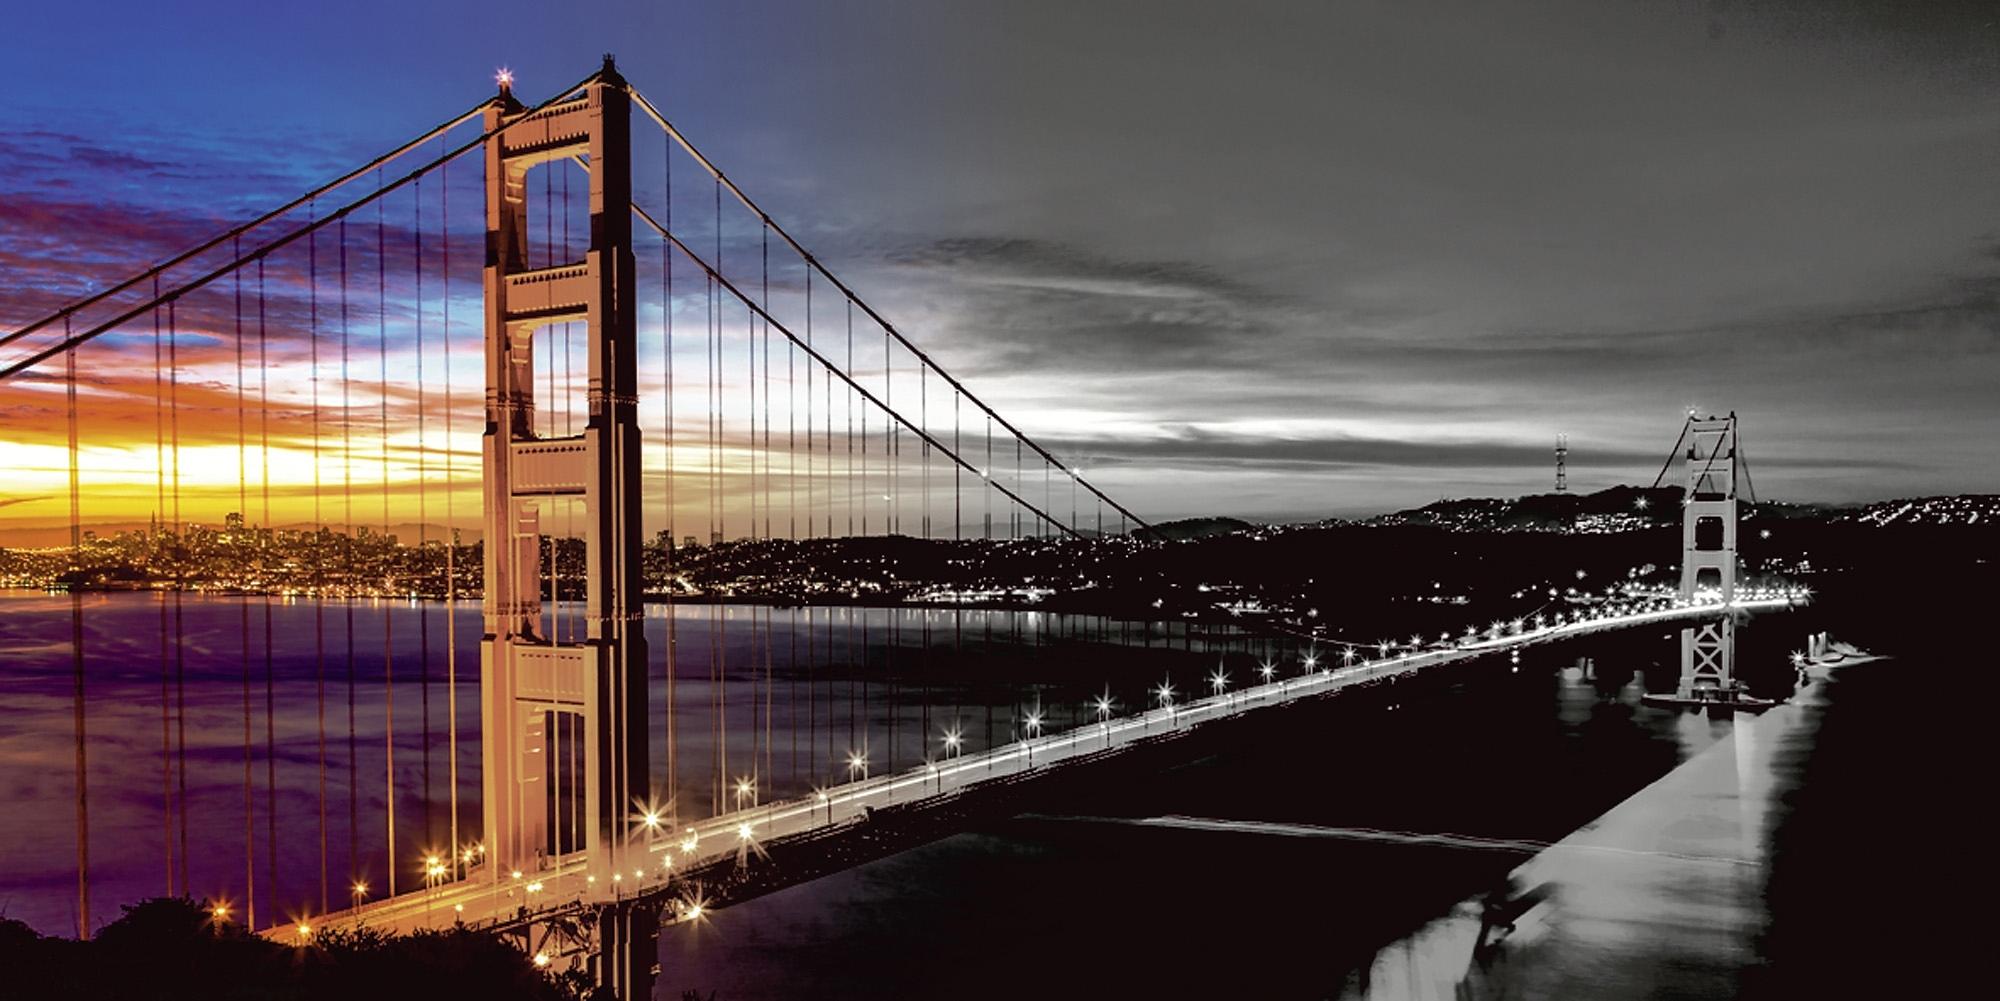 Home affaire artprint op linnen Nithon: The Golden Gate Bridge 's morgens vroeg 100x50 cm goedkoop op otto.nl kopen